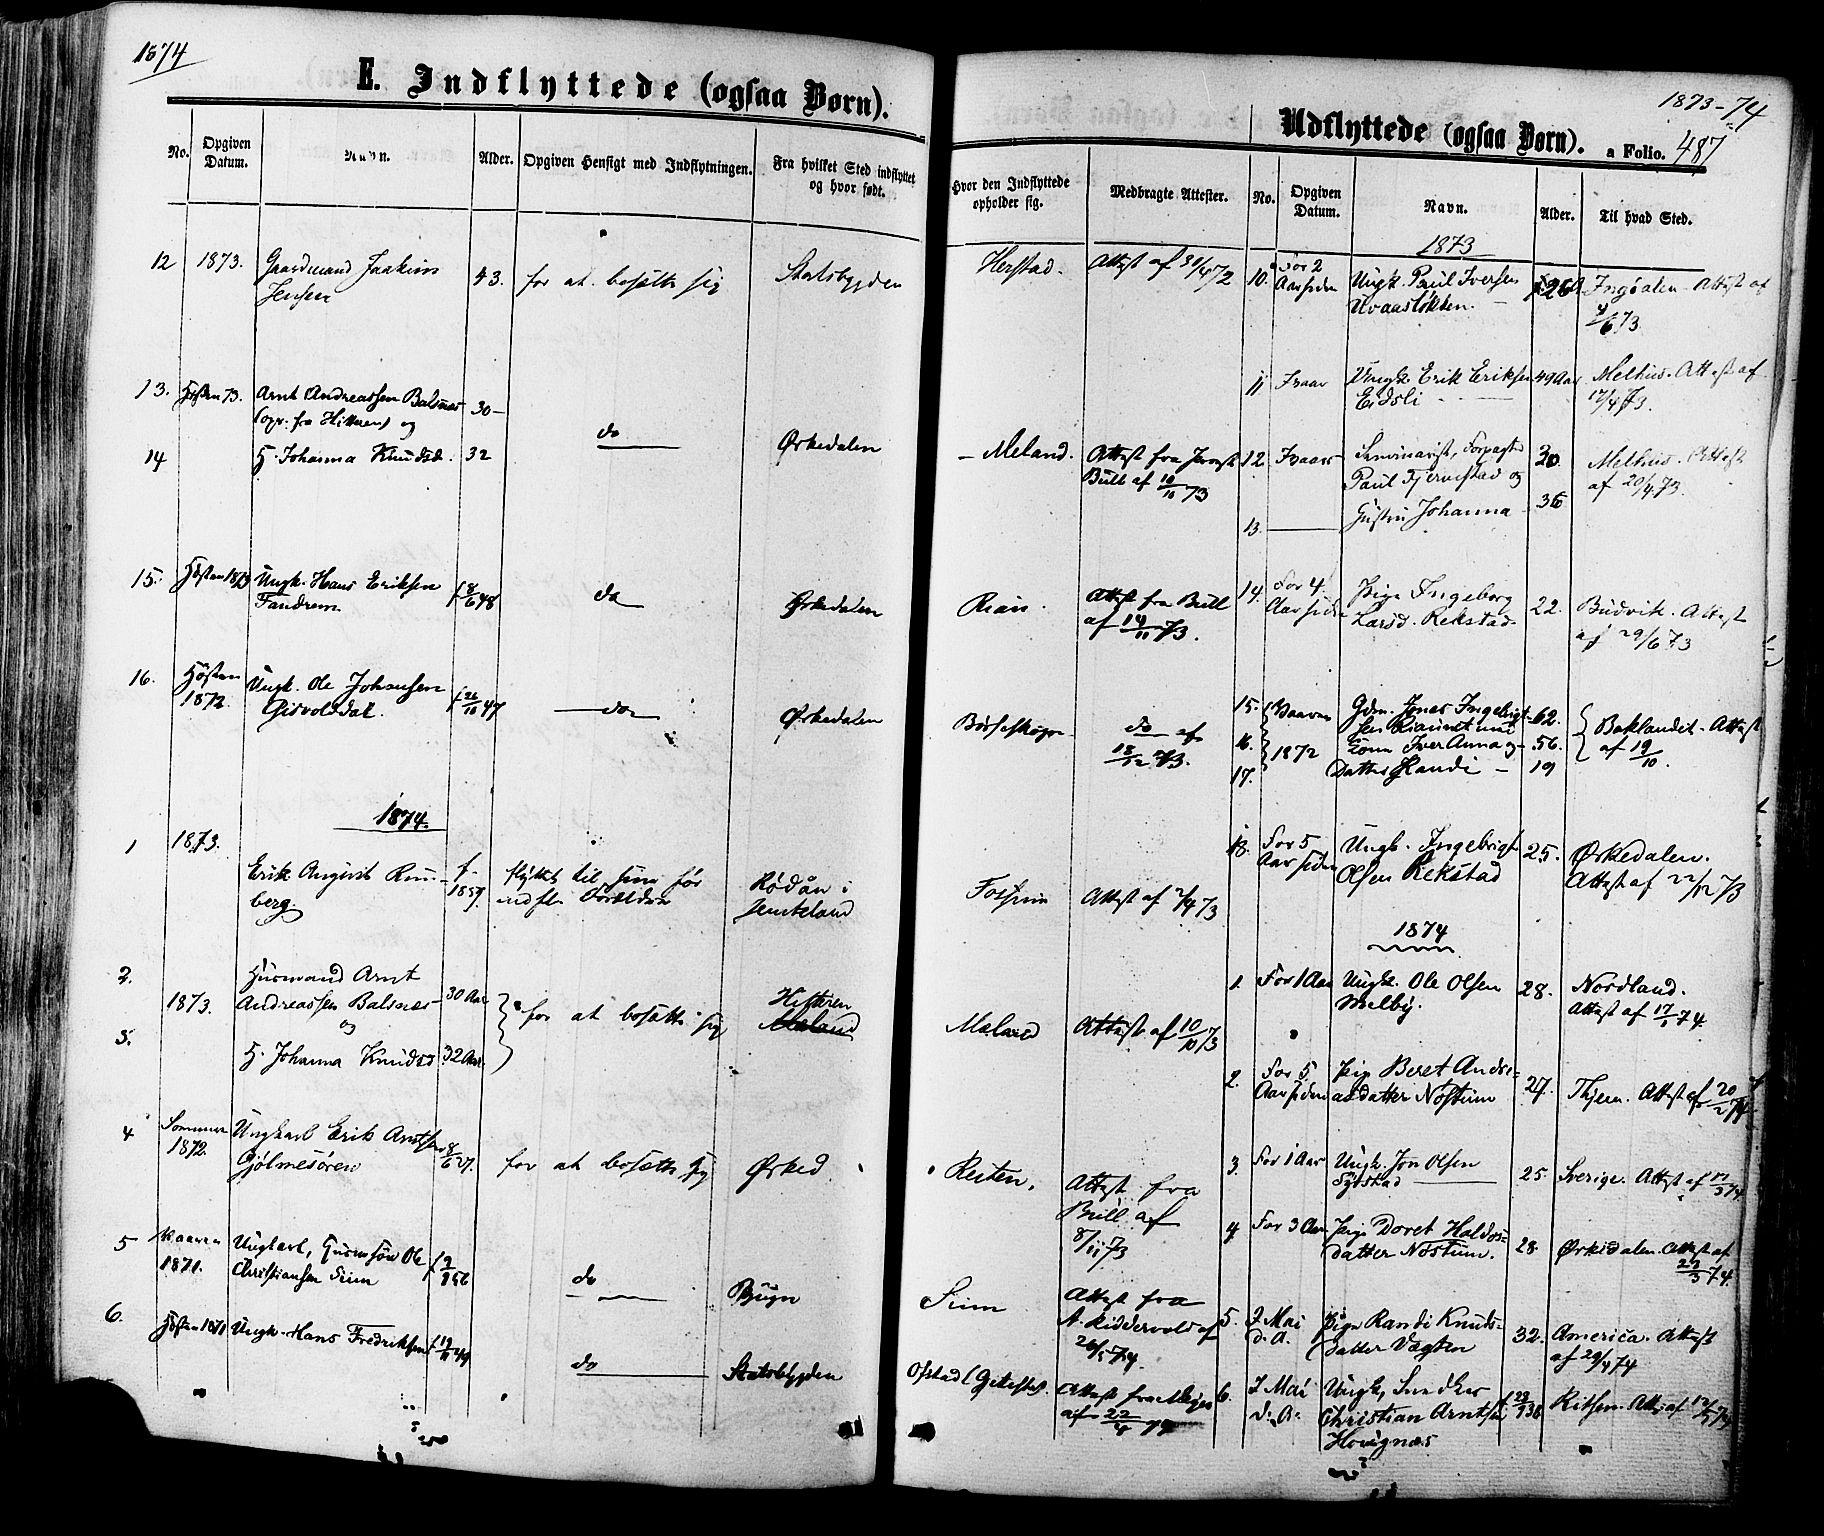 SAT, Ministerialprotokoller, klokkerbøker og fødselsregistre - Sør-Trøndelag, 665/L0772: Ministerialbok nr. 665A07, 1856-1878, s. 487